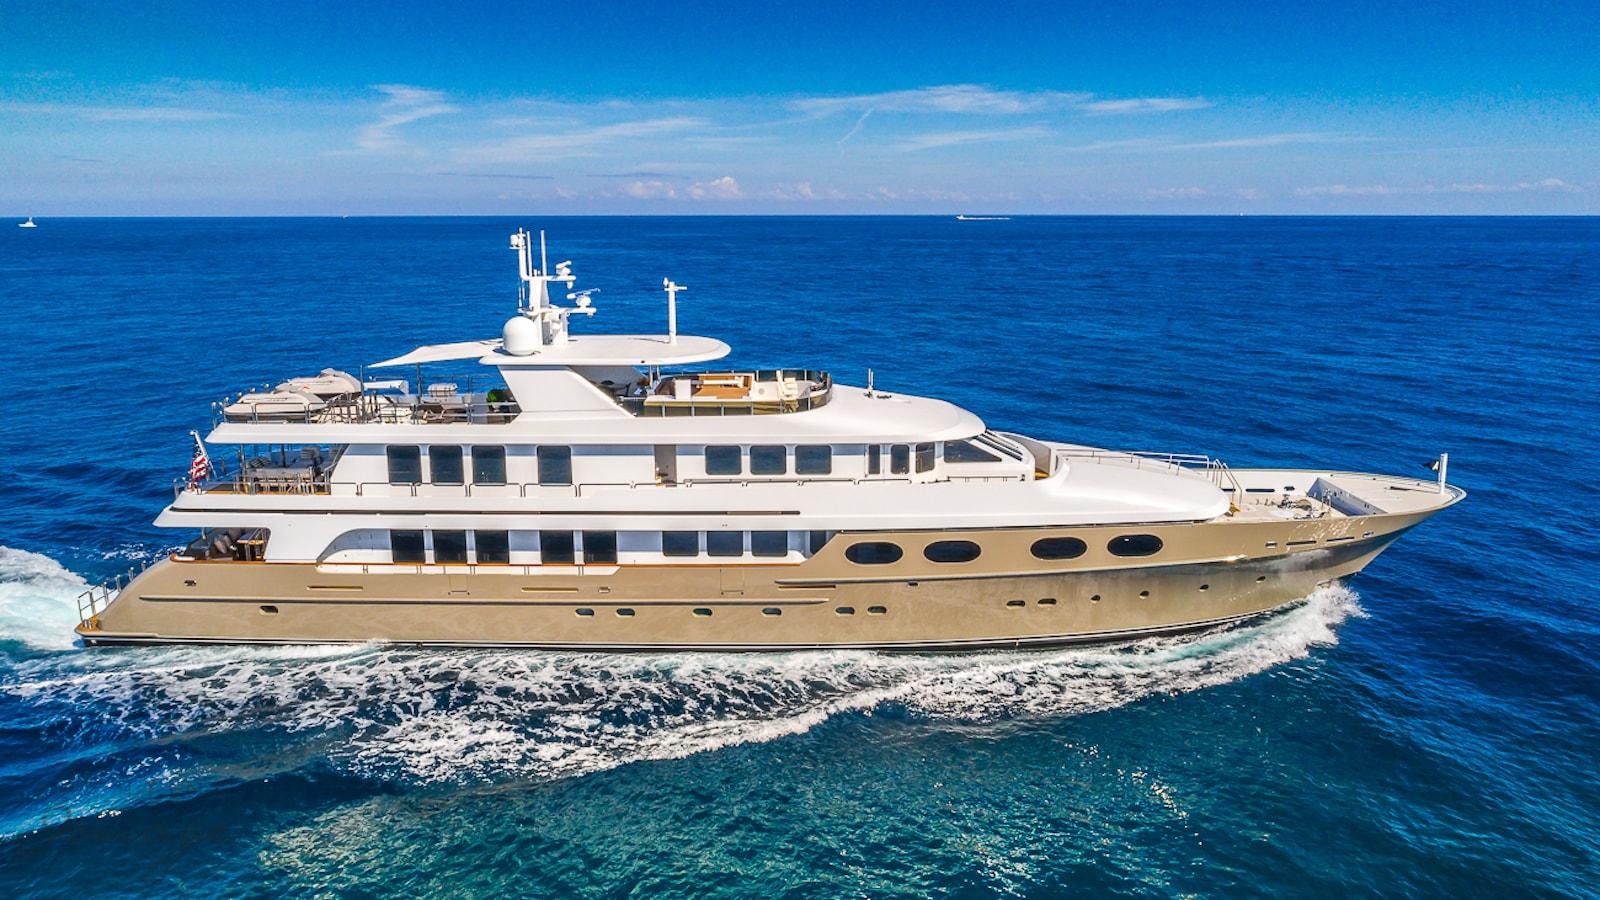 47 24m (155') M/Y Abbracci sold by IYC - IYC